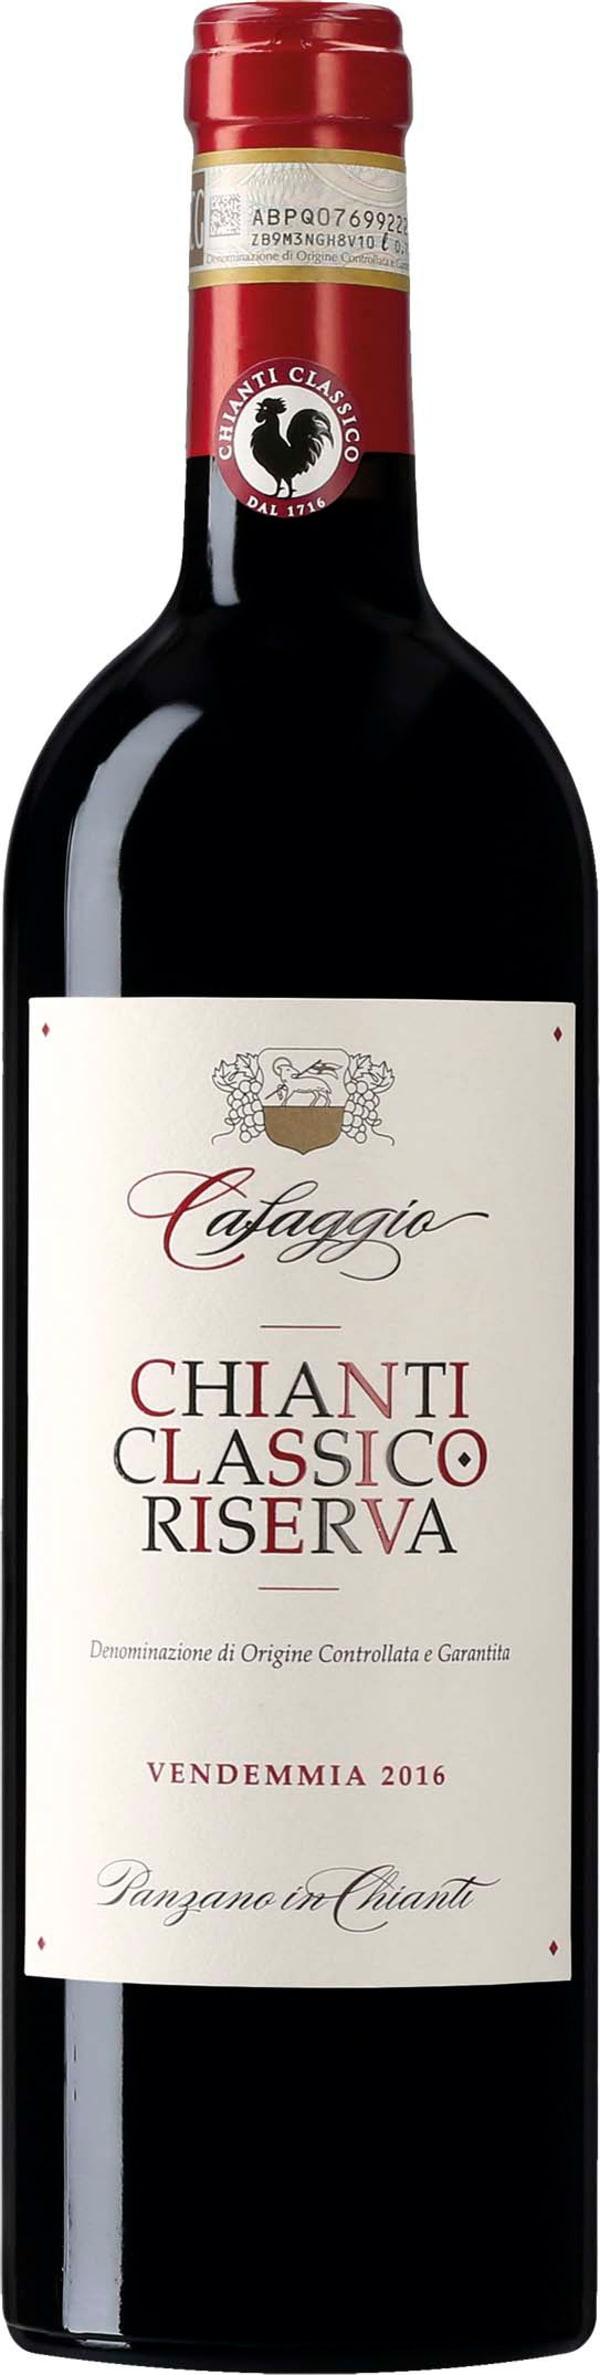 Villa Cafaggio Chianti Classico Riserva 2013